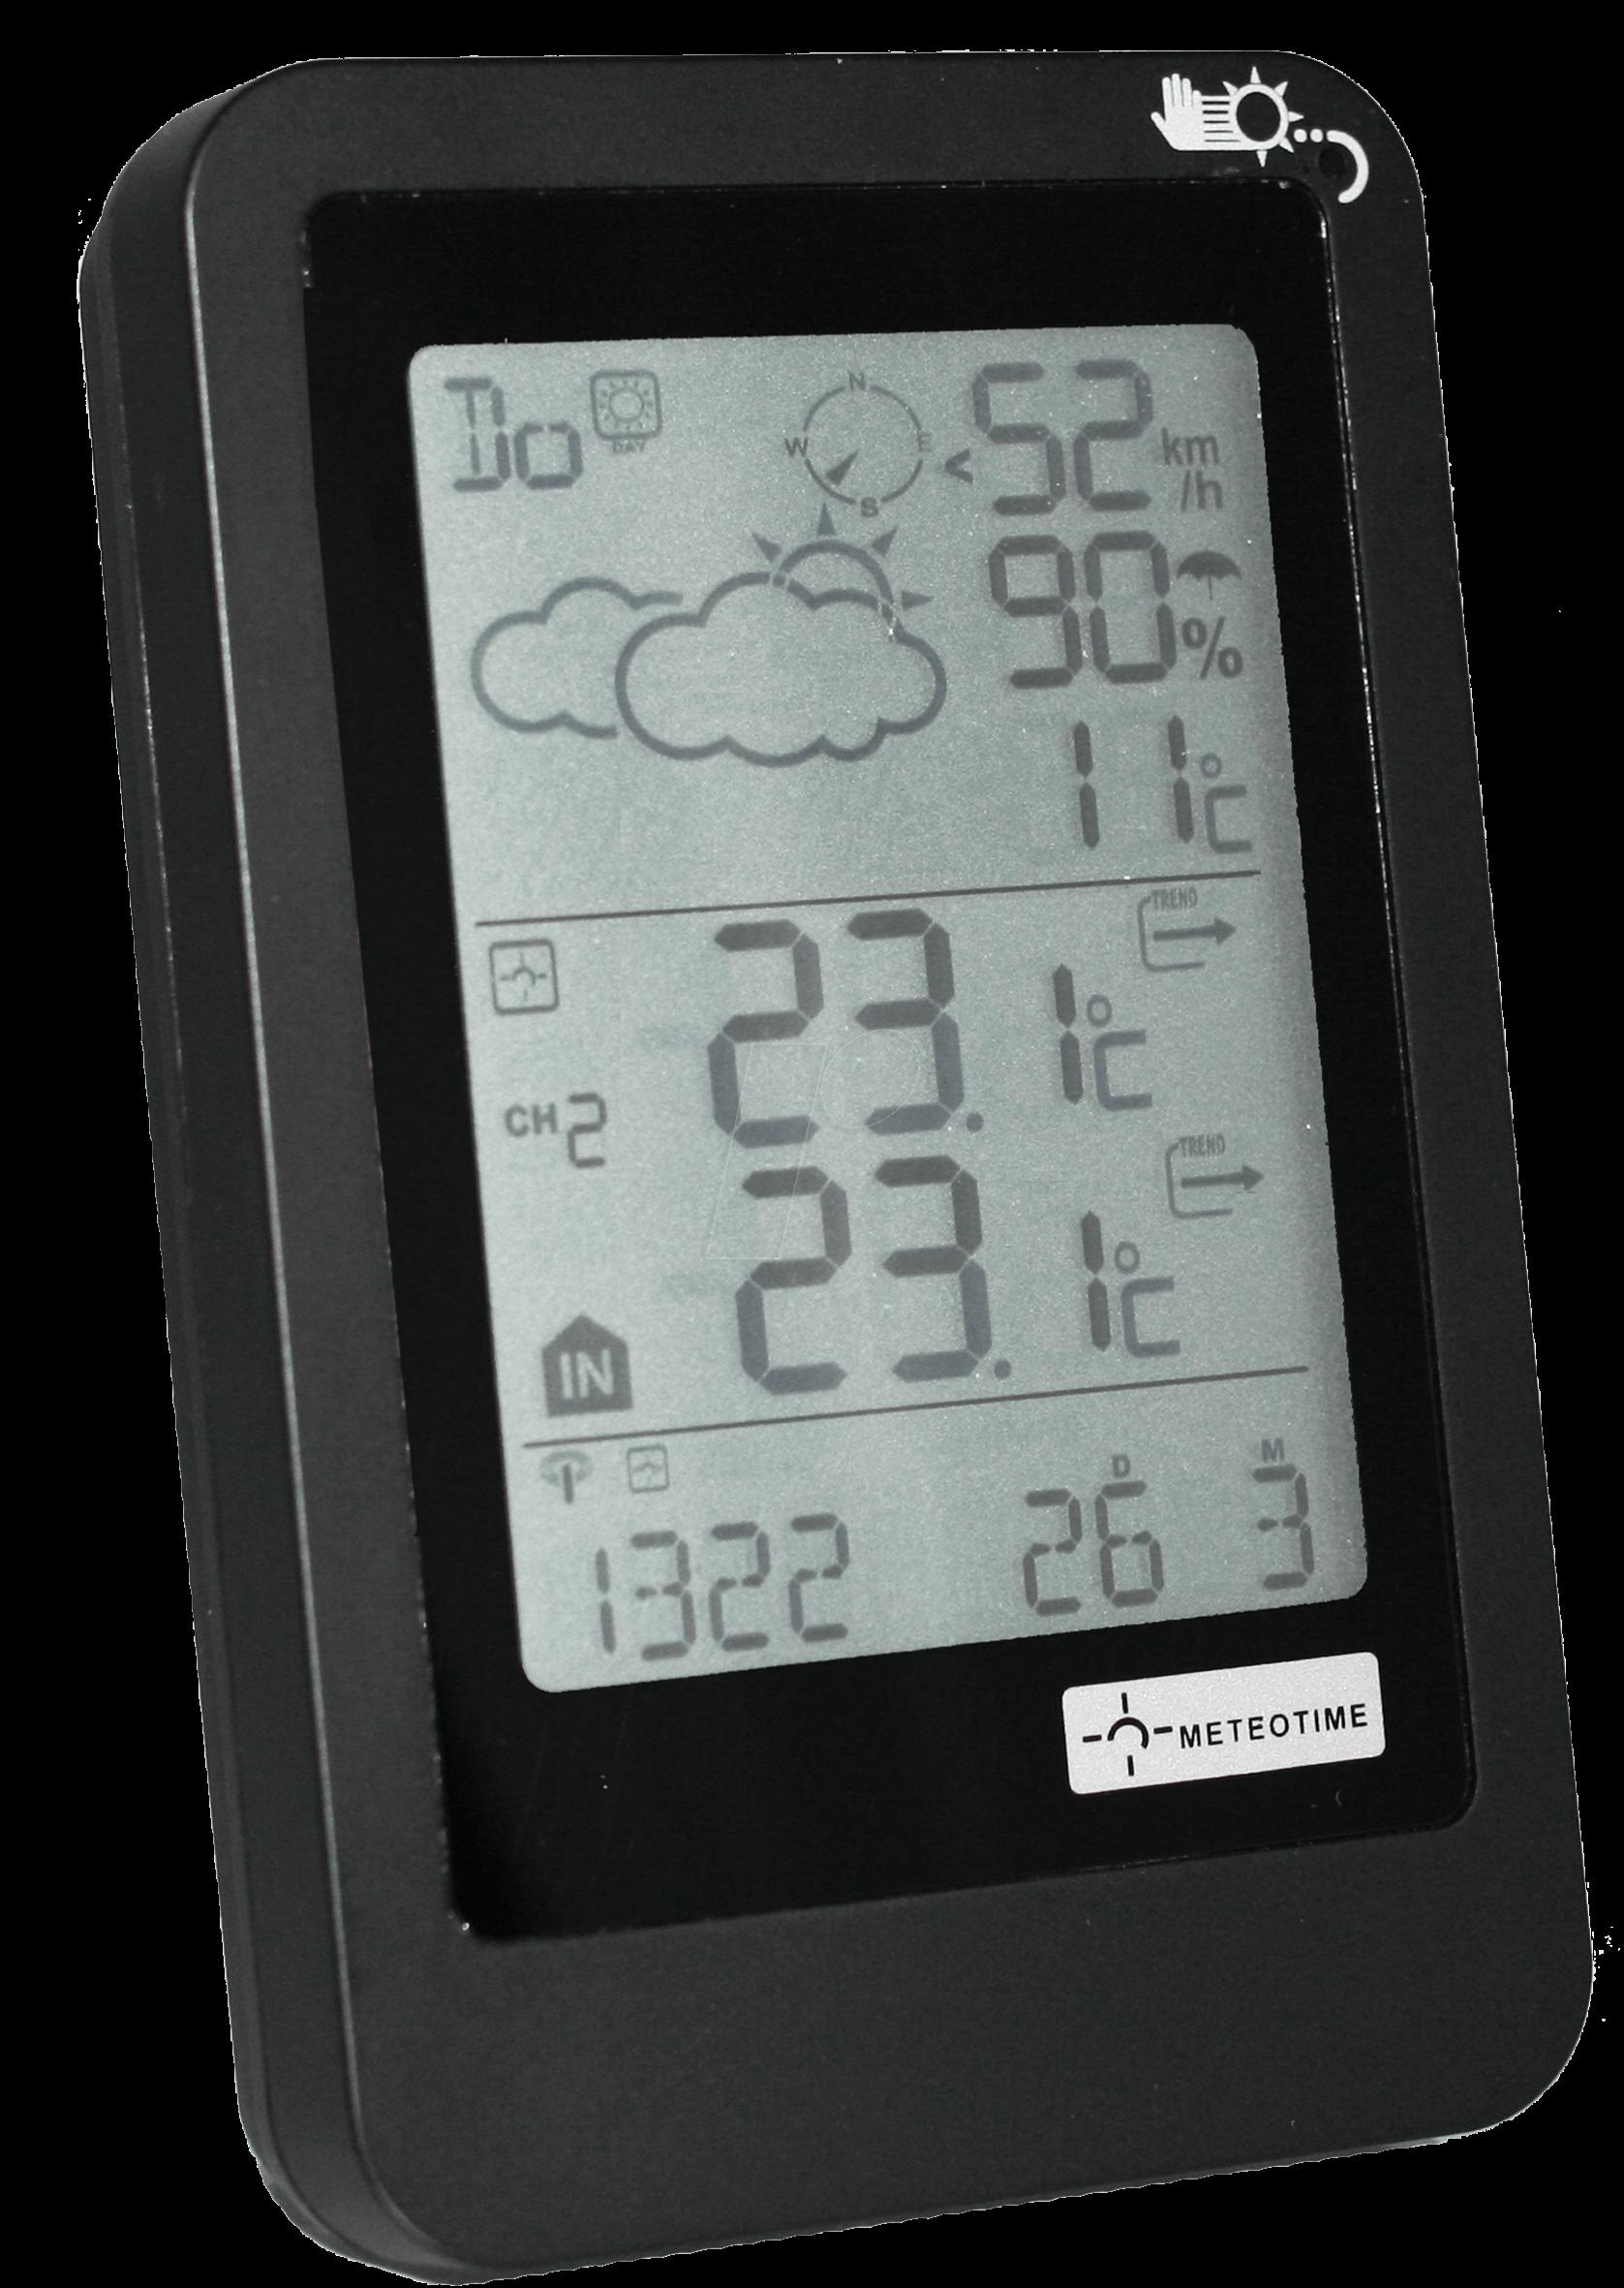 VENTUS W927 - Wetterstation mit Außensensor